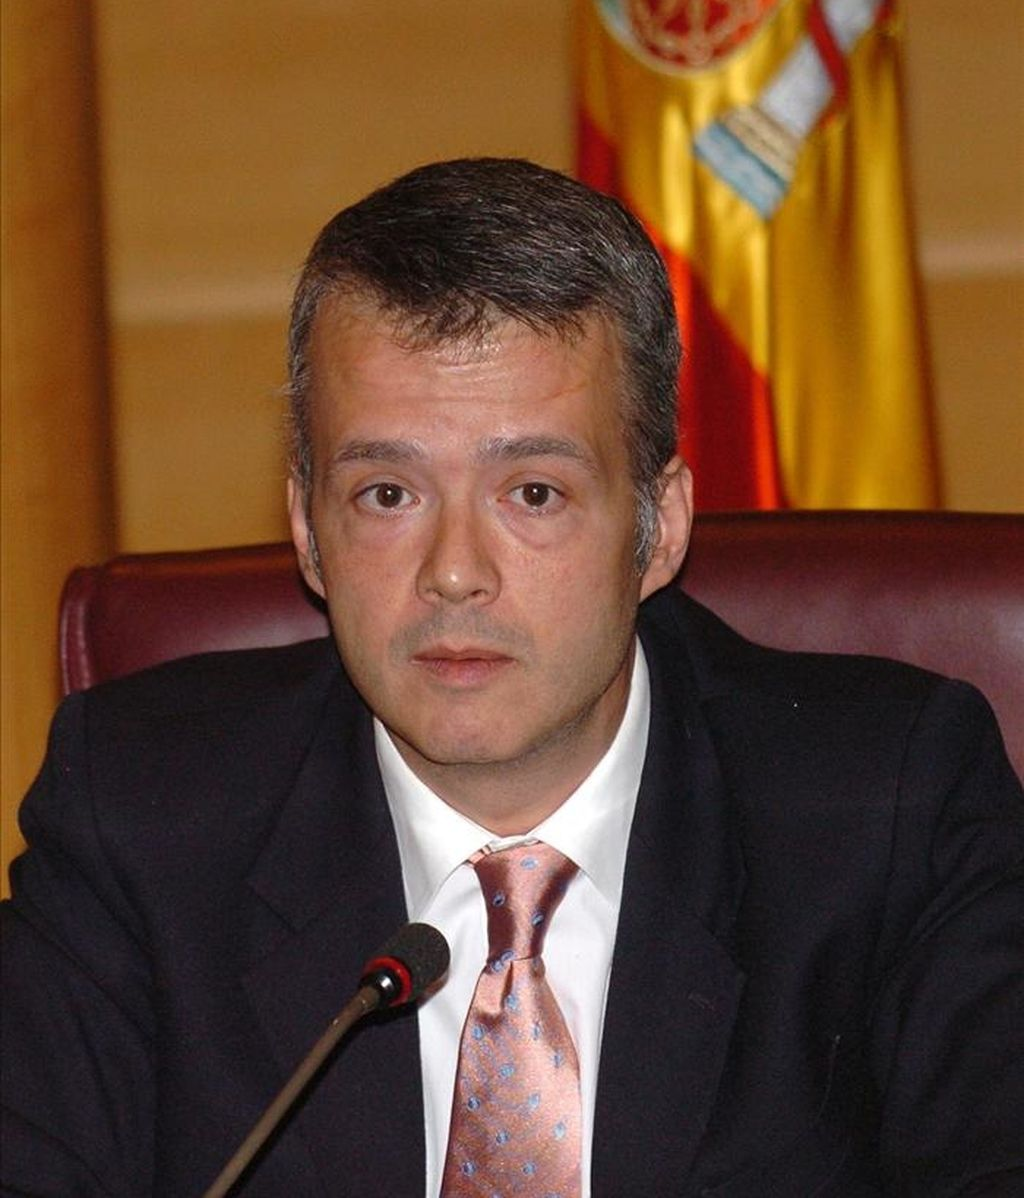 El secretario de Estado de Seguridad, Antonio Camacho, durante una comparecencia ante la Comisión de Interior del Senado. EFE/Archivo